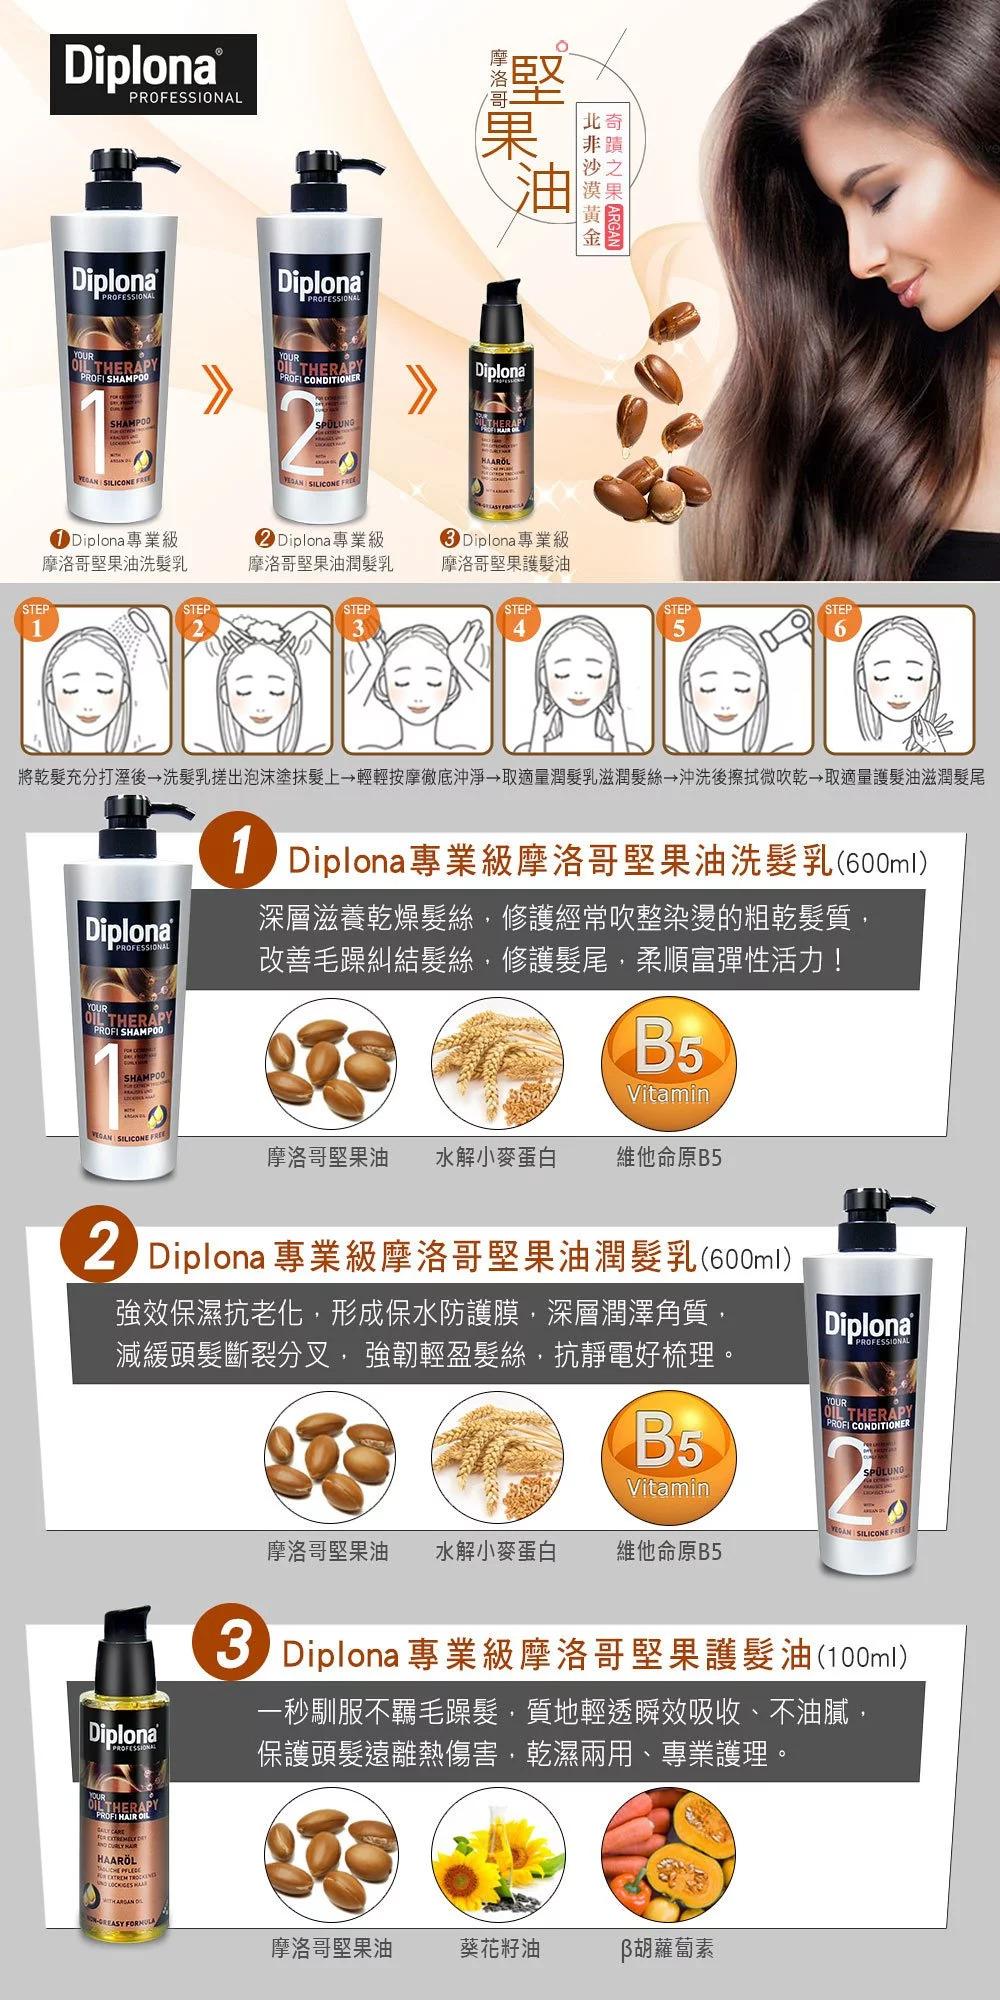 德國Diplona 沙龍系列 摩洛哥 堅果油 洗髮精600ml